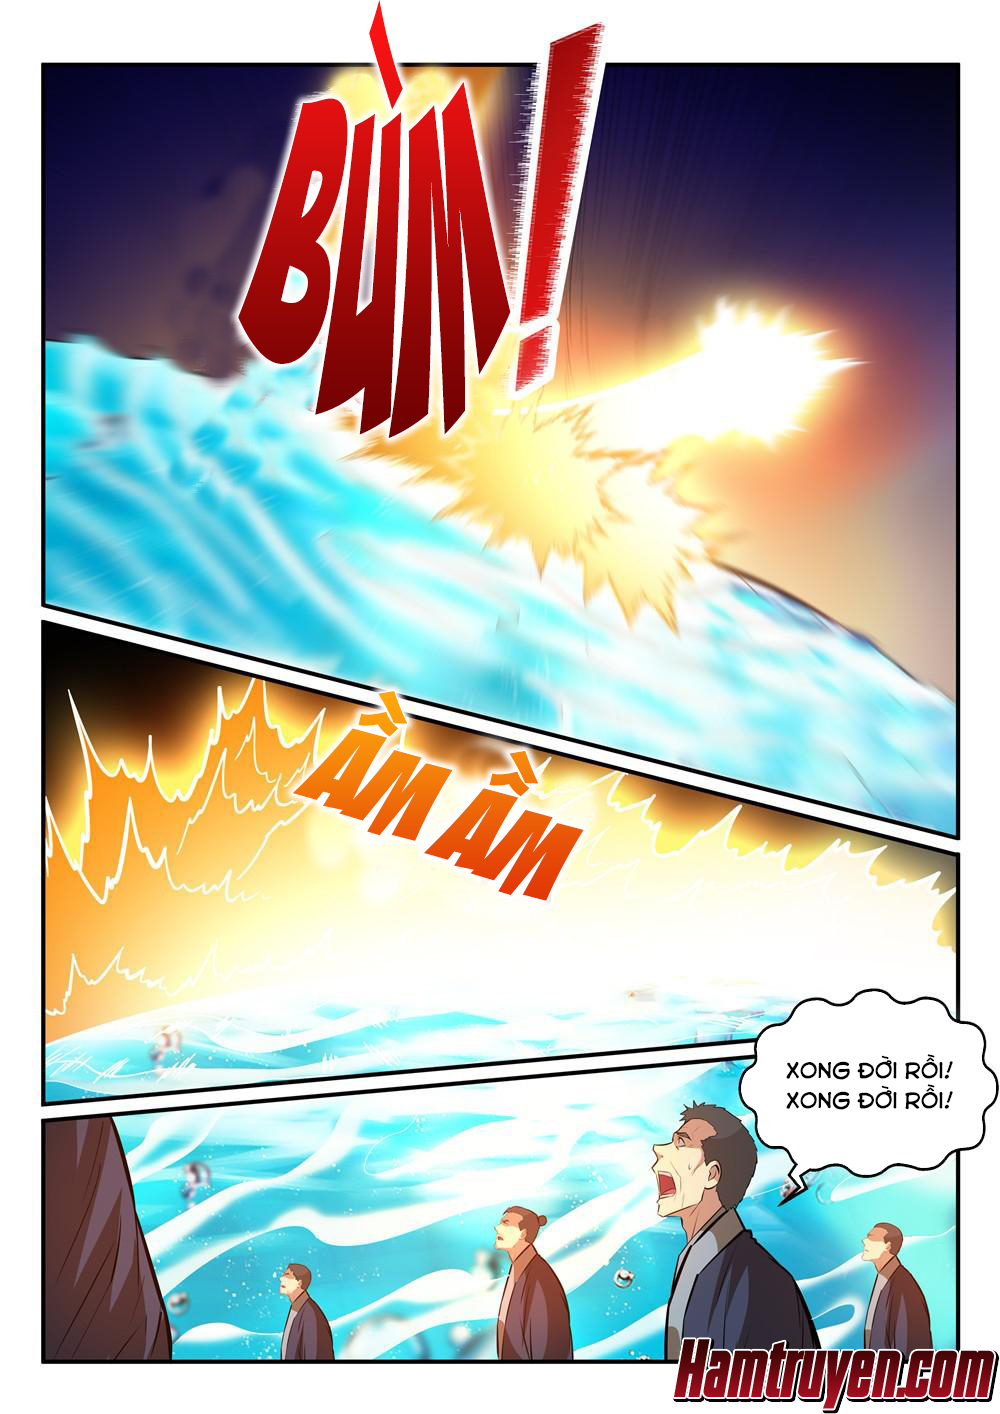 Bách Luyện Thành Thần Chapter 199 trang 3 - CungDocTruyen.com